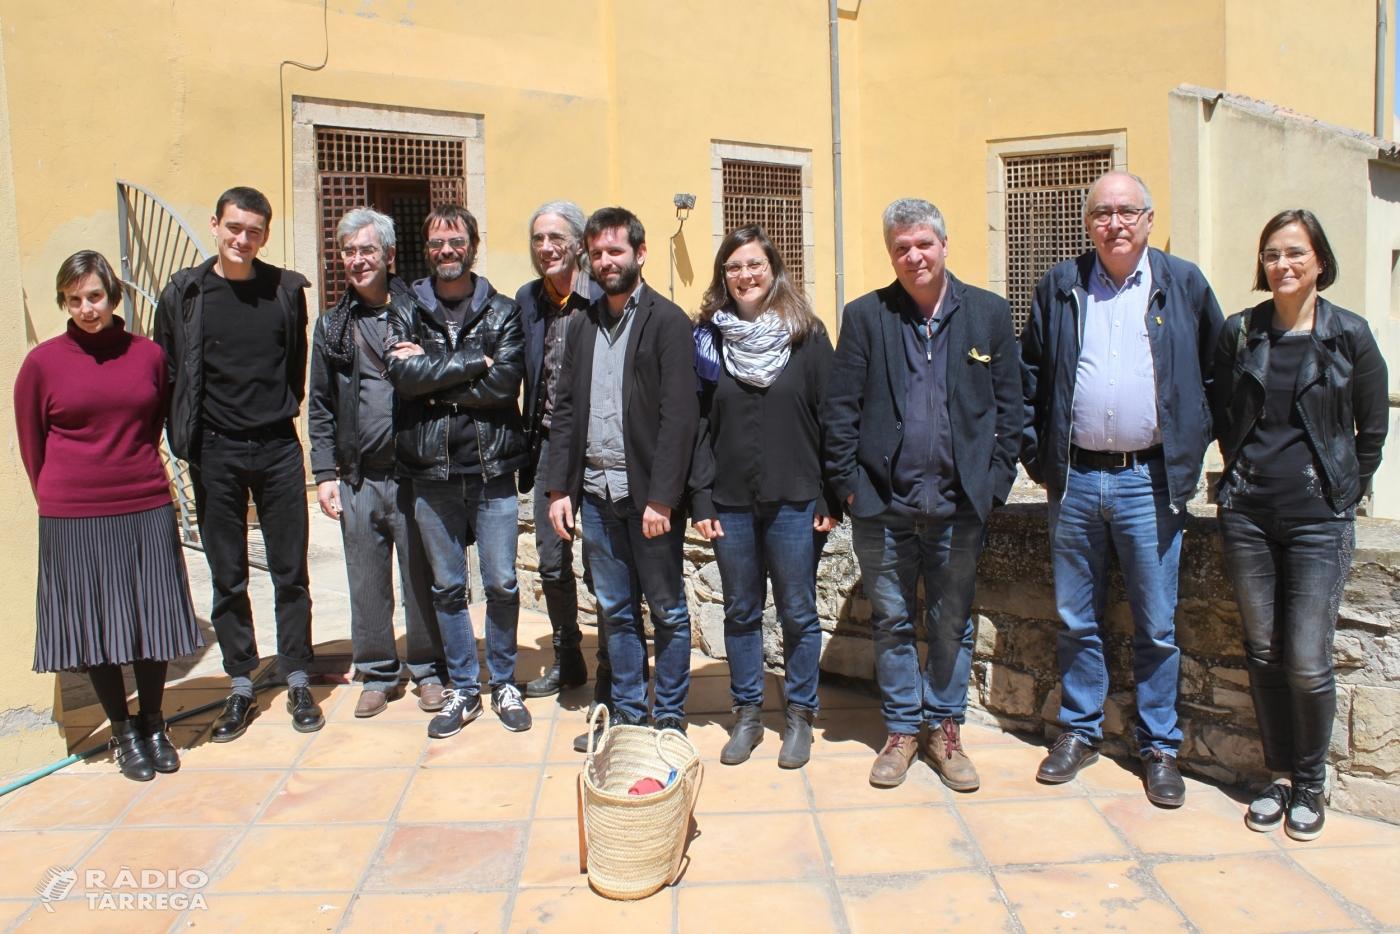 Simposi a Tàrrega sobre la creació literària d'Enric Casasses amb la participació d'escriptors, crítics i acadèmics